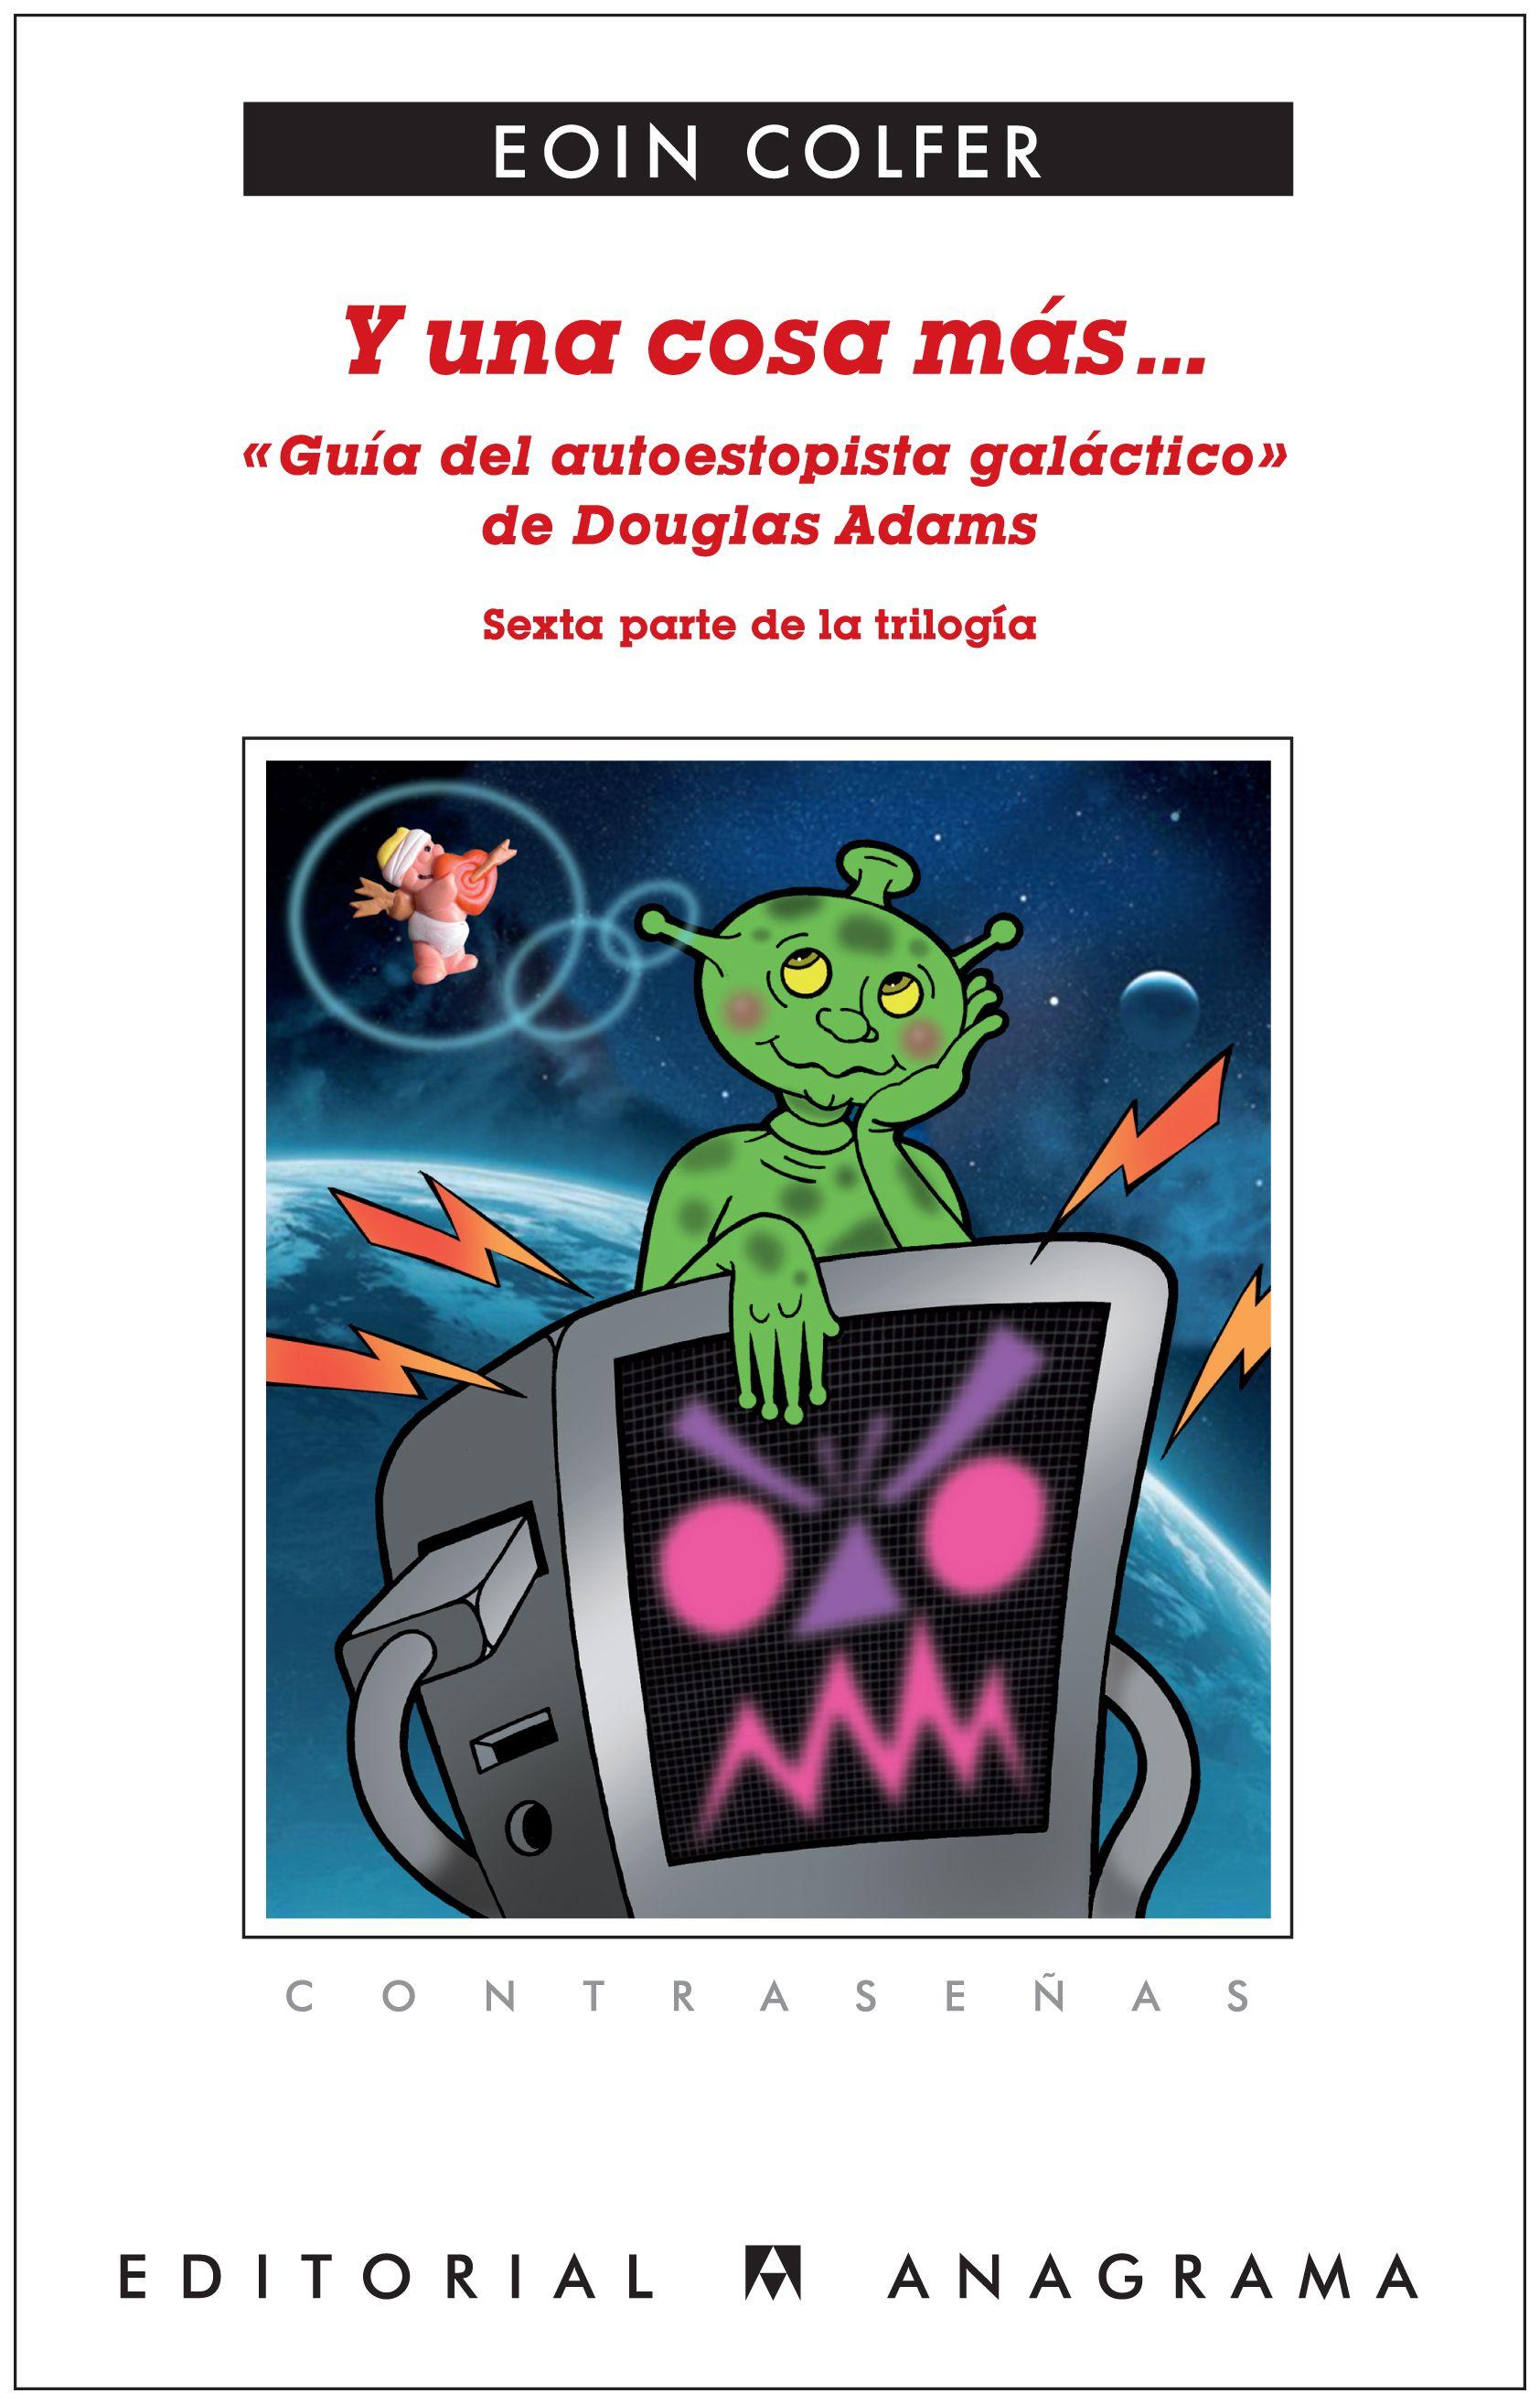 Descargar Y UNA COSA MAS    GUIA DEL AUTOESTOPISTA GALACTICO DE DOUGLAS ADAMS